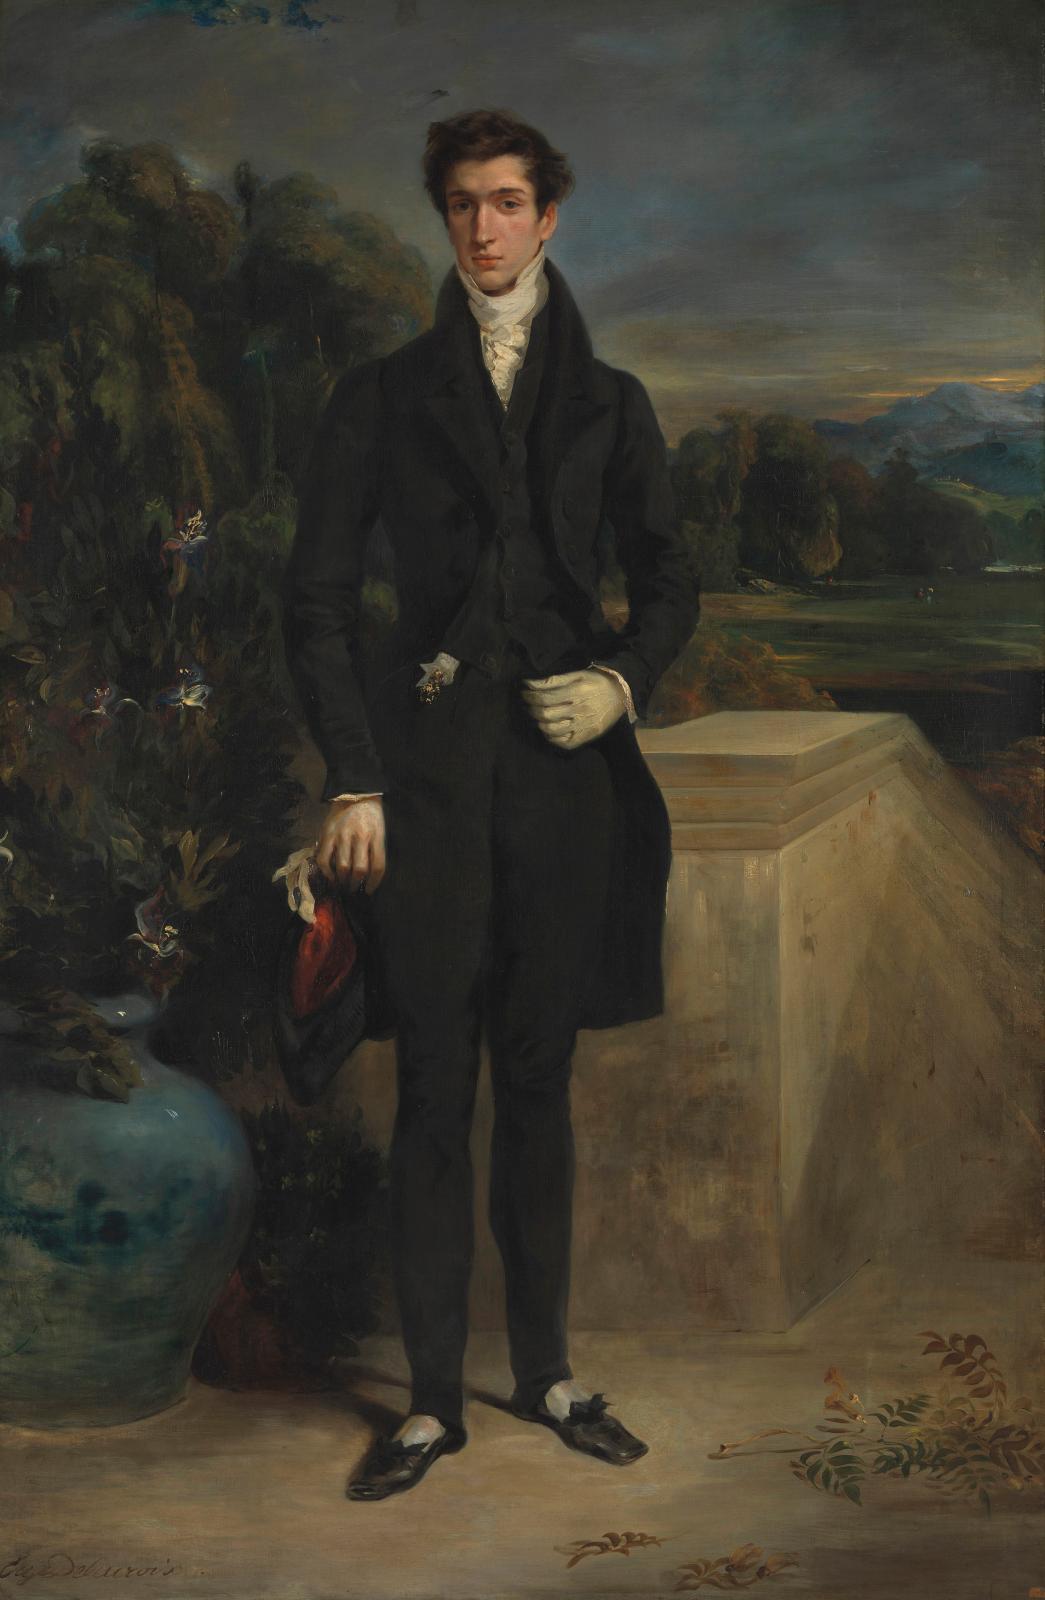 Eugène Delacroix (1798-1863), Louis-Auguste Schwiter, 1826-1830, huile sur toile, 217,8x 143,5cm (détail). The National Gallery, Londres.